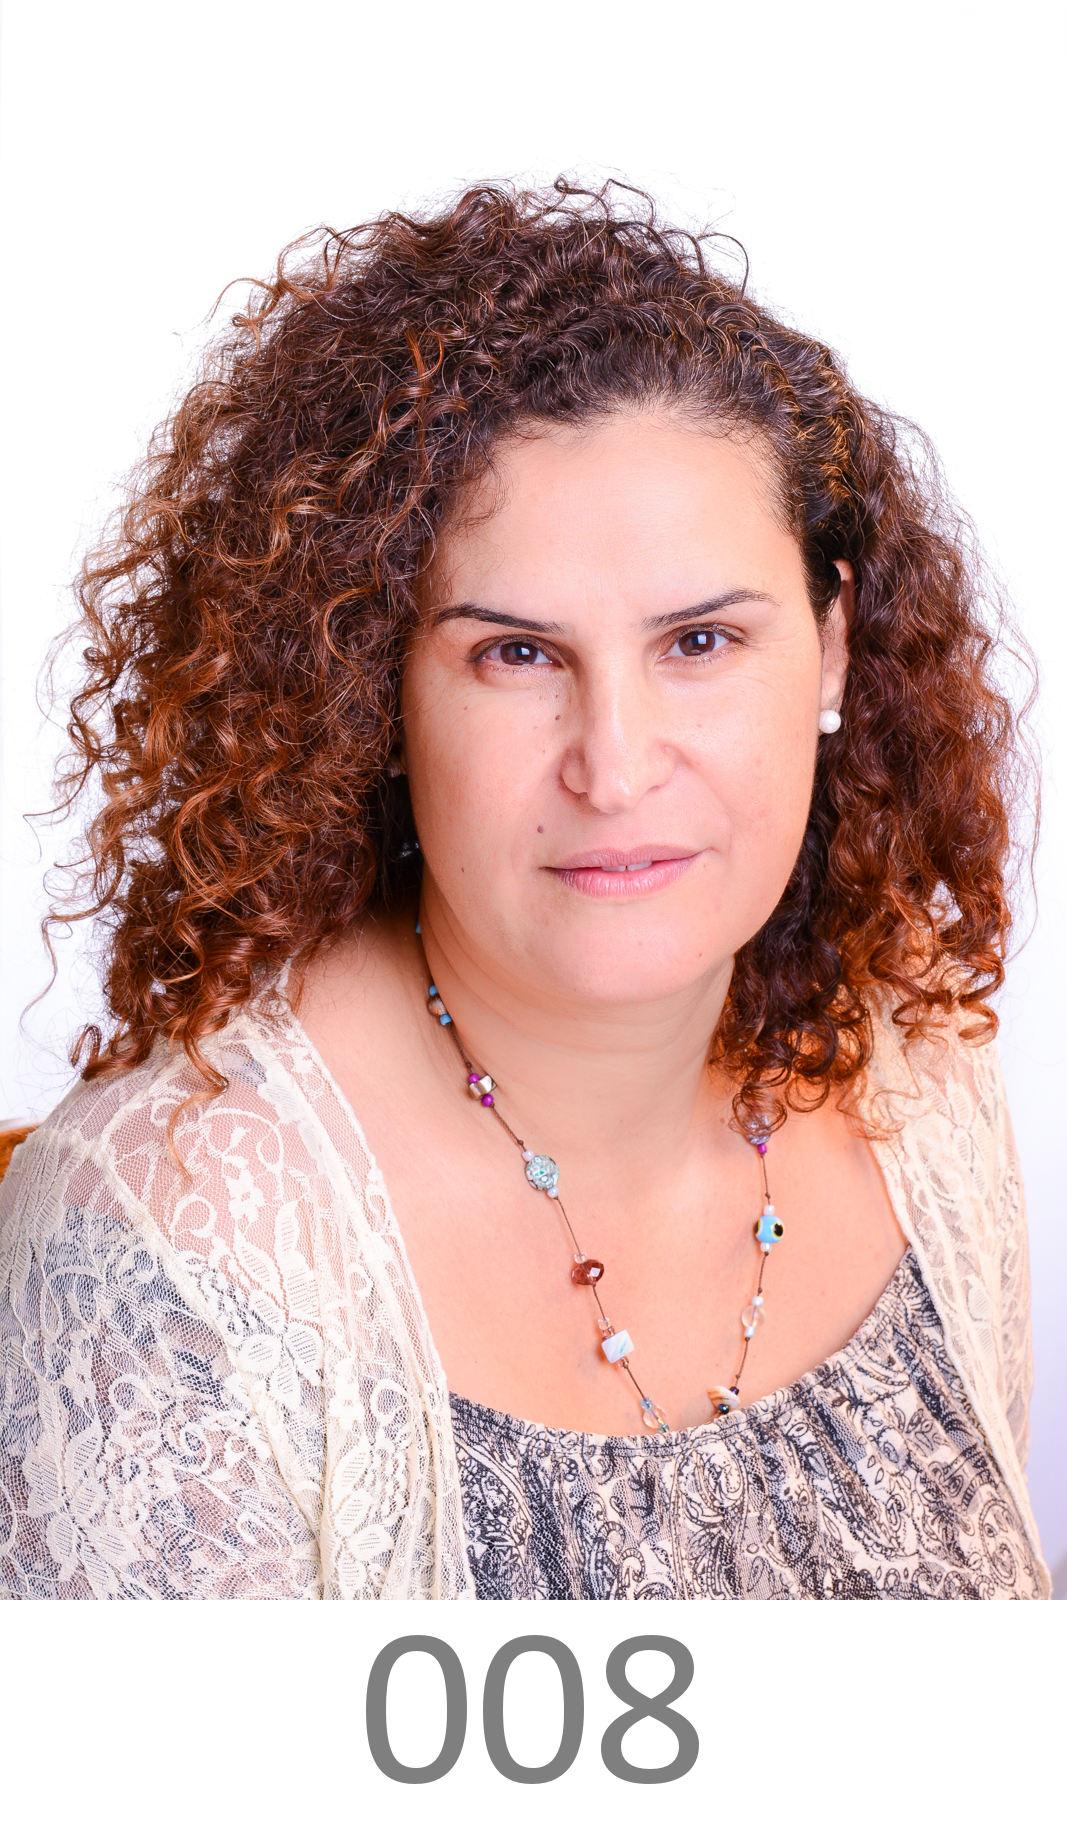 DanaWeisborg Portrait ItaiAviran 008.jpg